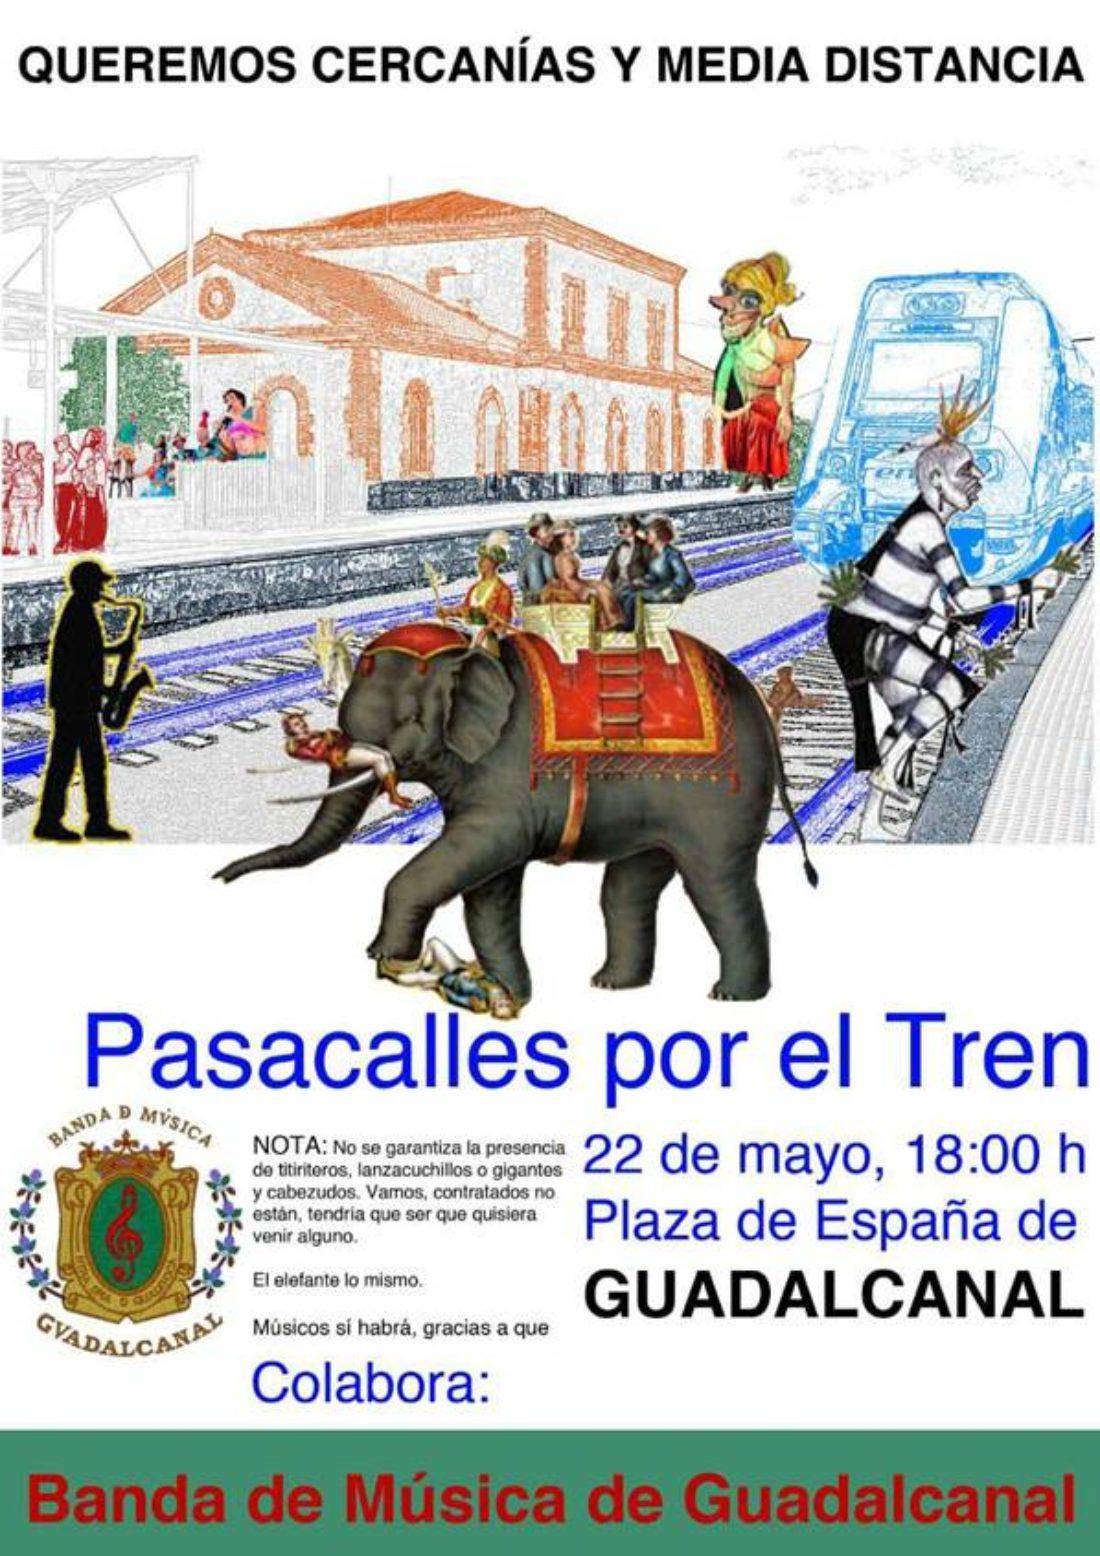 Pasacalles en Guadalcanal (Sevilla) exigiendo servicio público ferroviario para el pueblo y toda la Sierra Norte de Sevilla tanto con el resto de Andalucía como con Extremadura